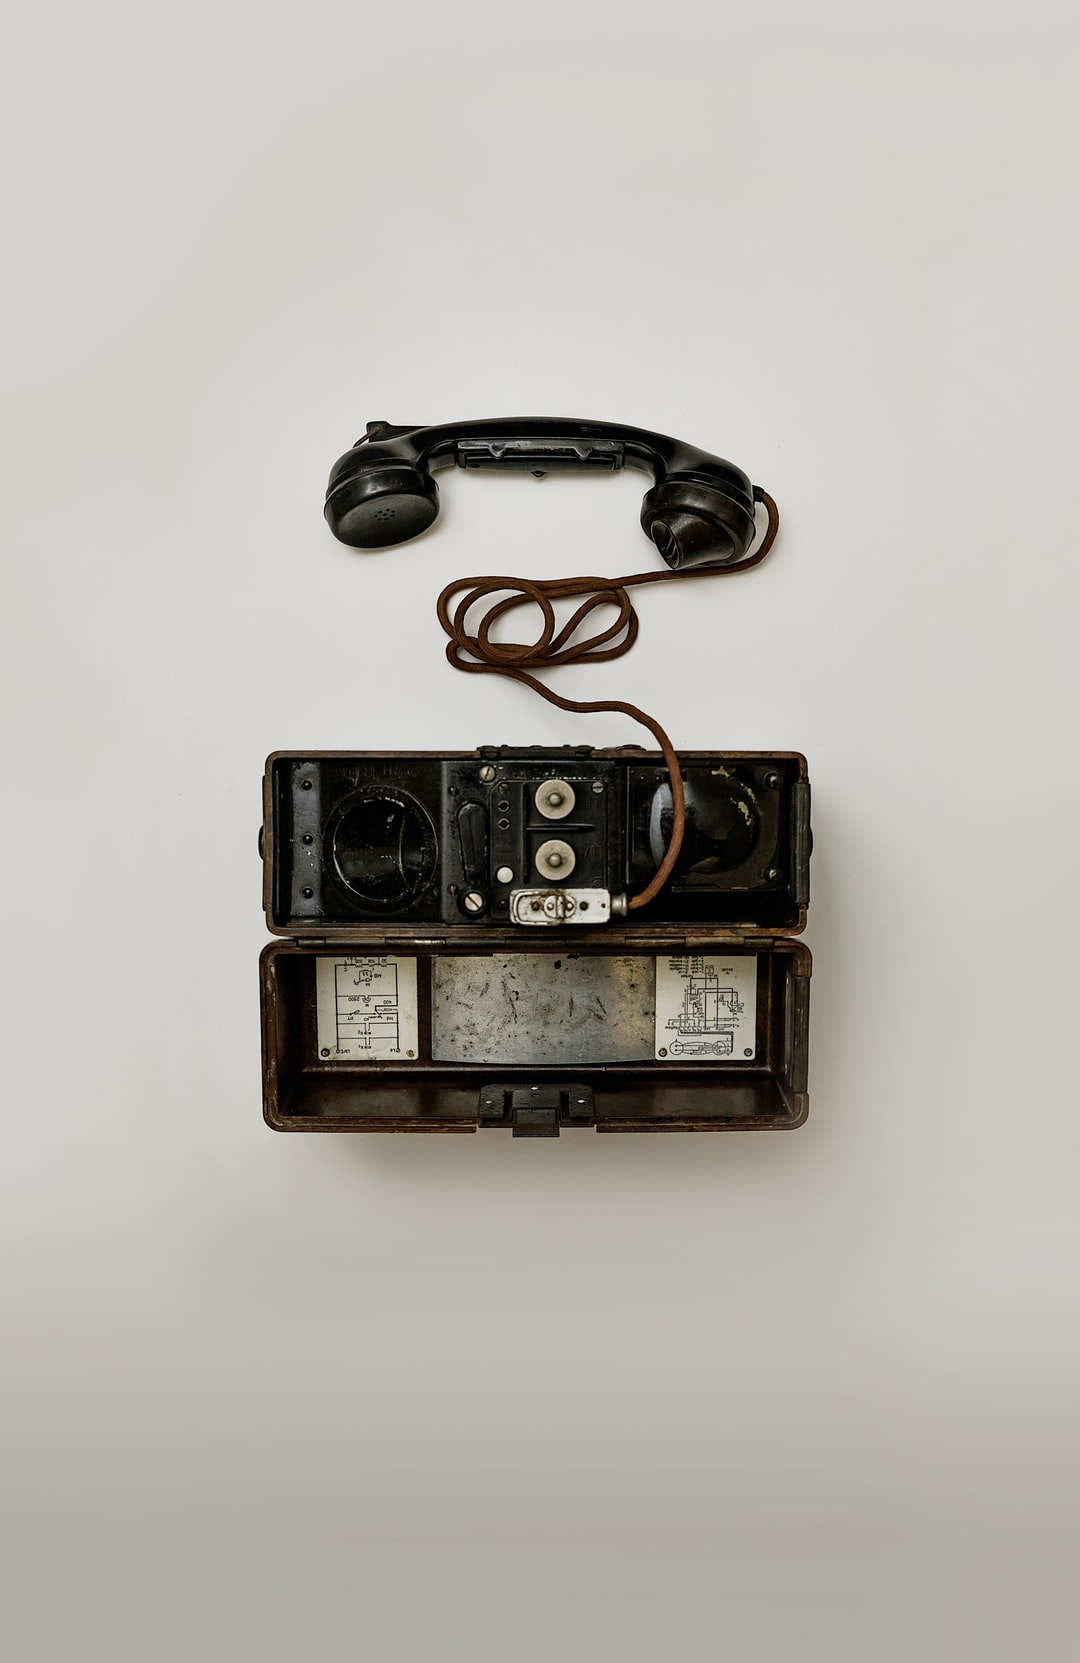 Telefonen ringer fra 0016306941357?!!